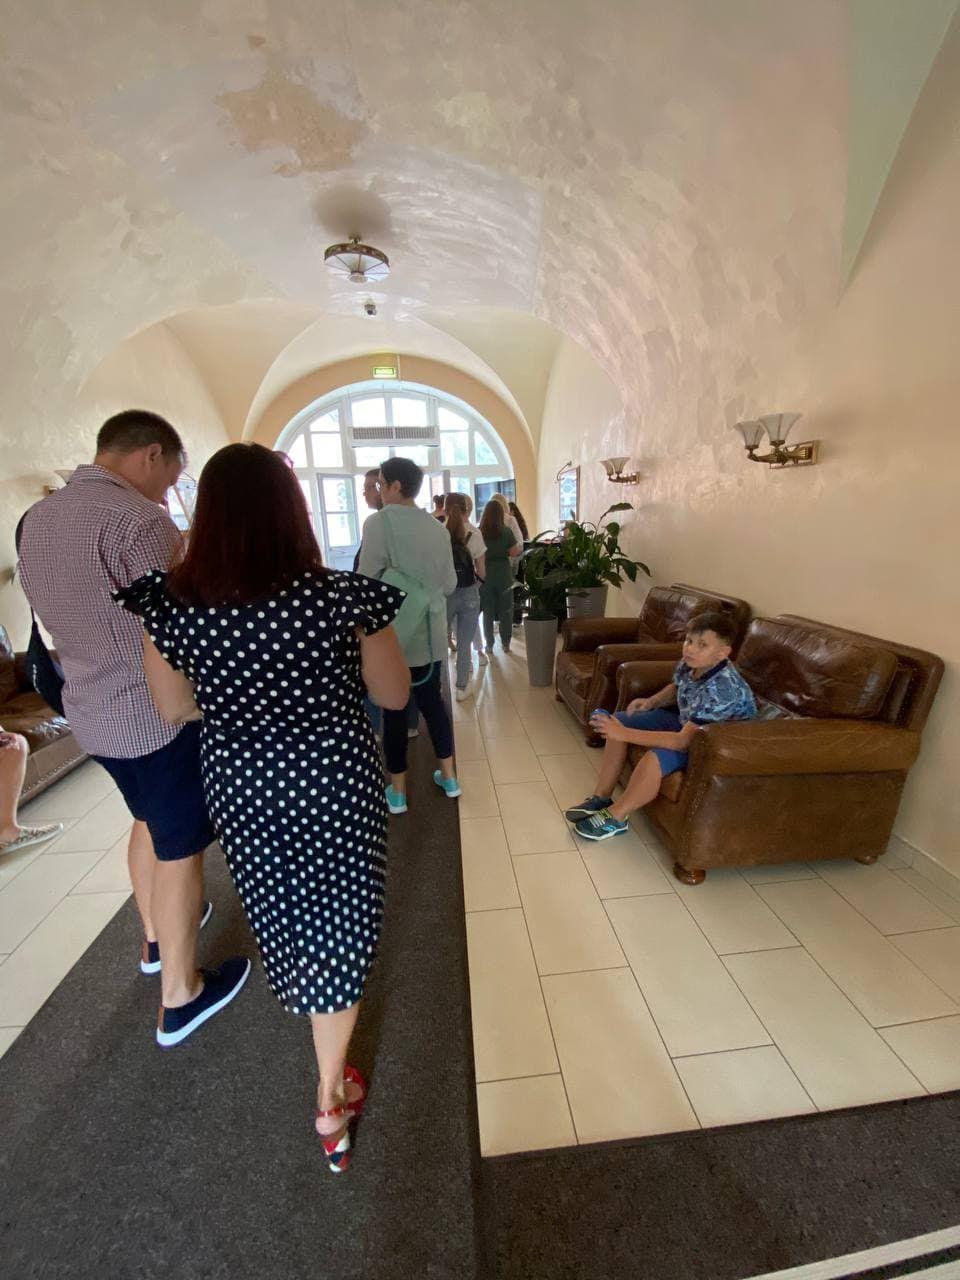 Лето продолжается, один мой долгожданный выходной в Москве, фото 53